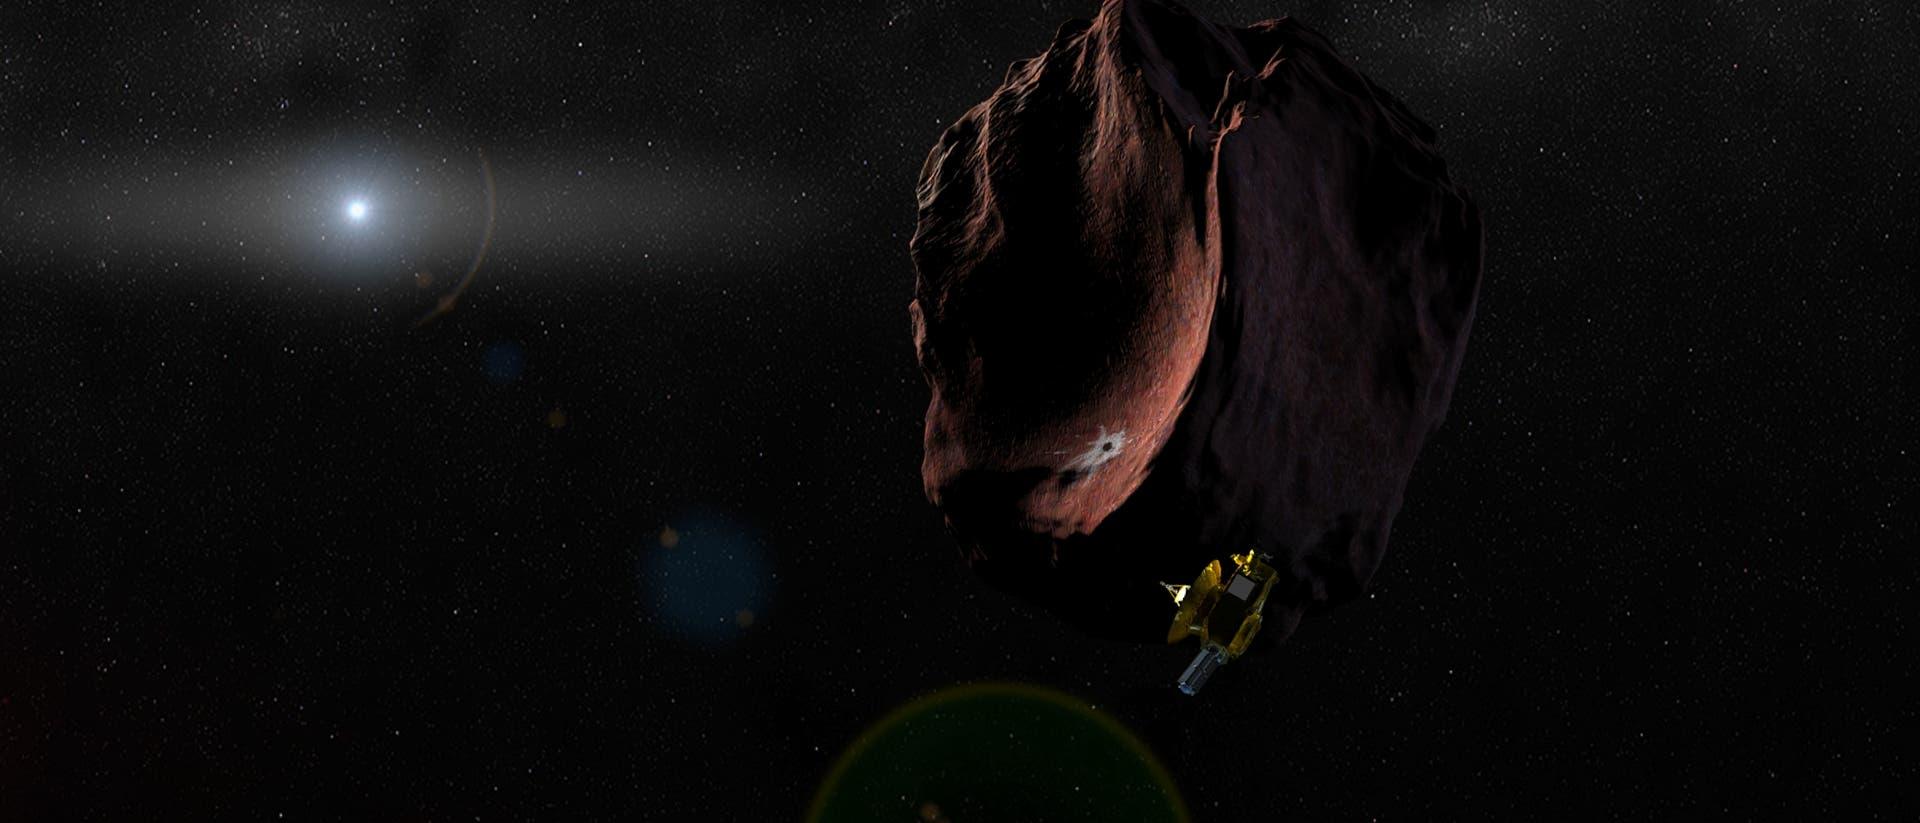 New Horizons im Umfeld von 2014 MU69